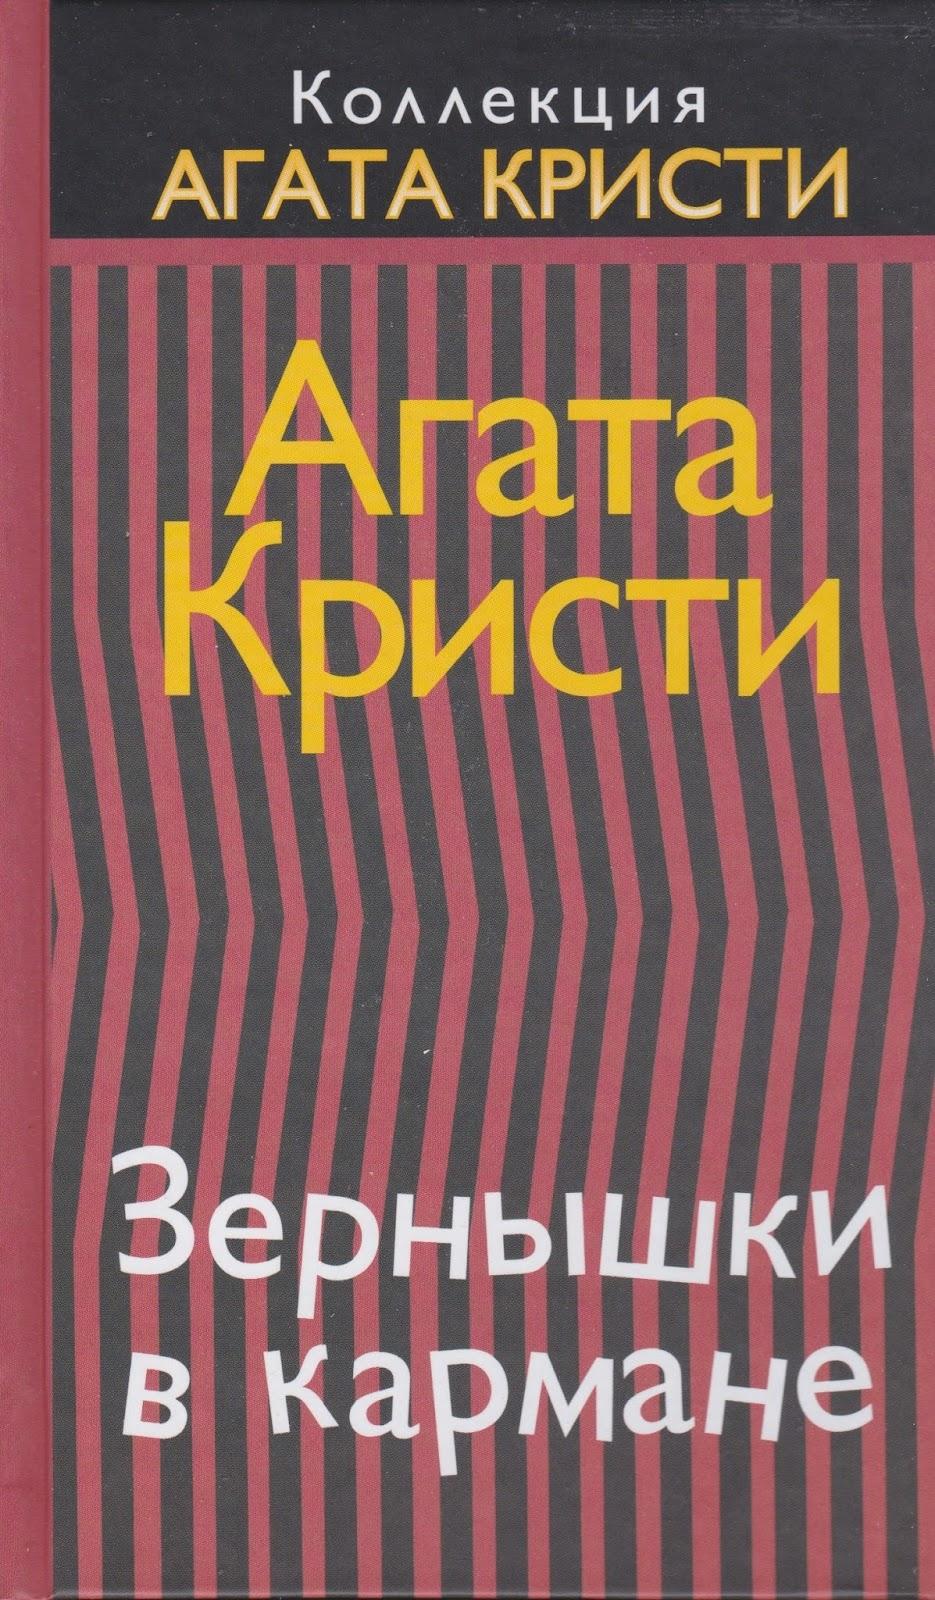 Агата Кристи — Зернышки в кармане (1953)